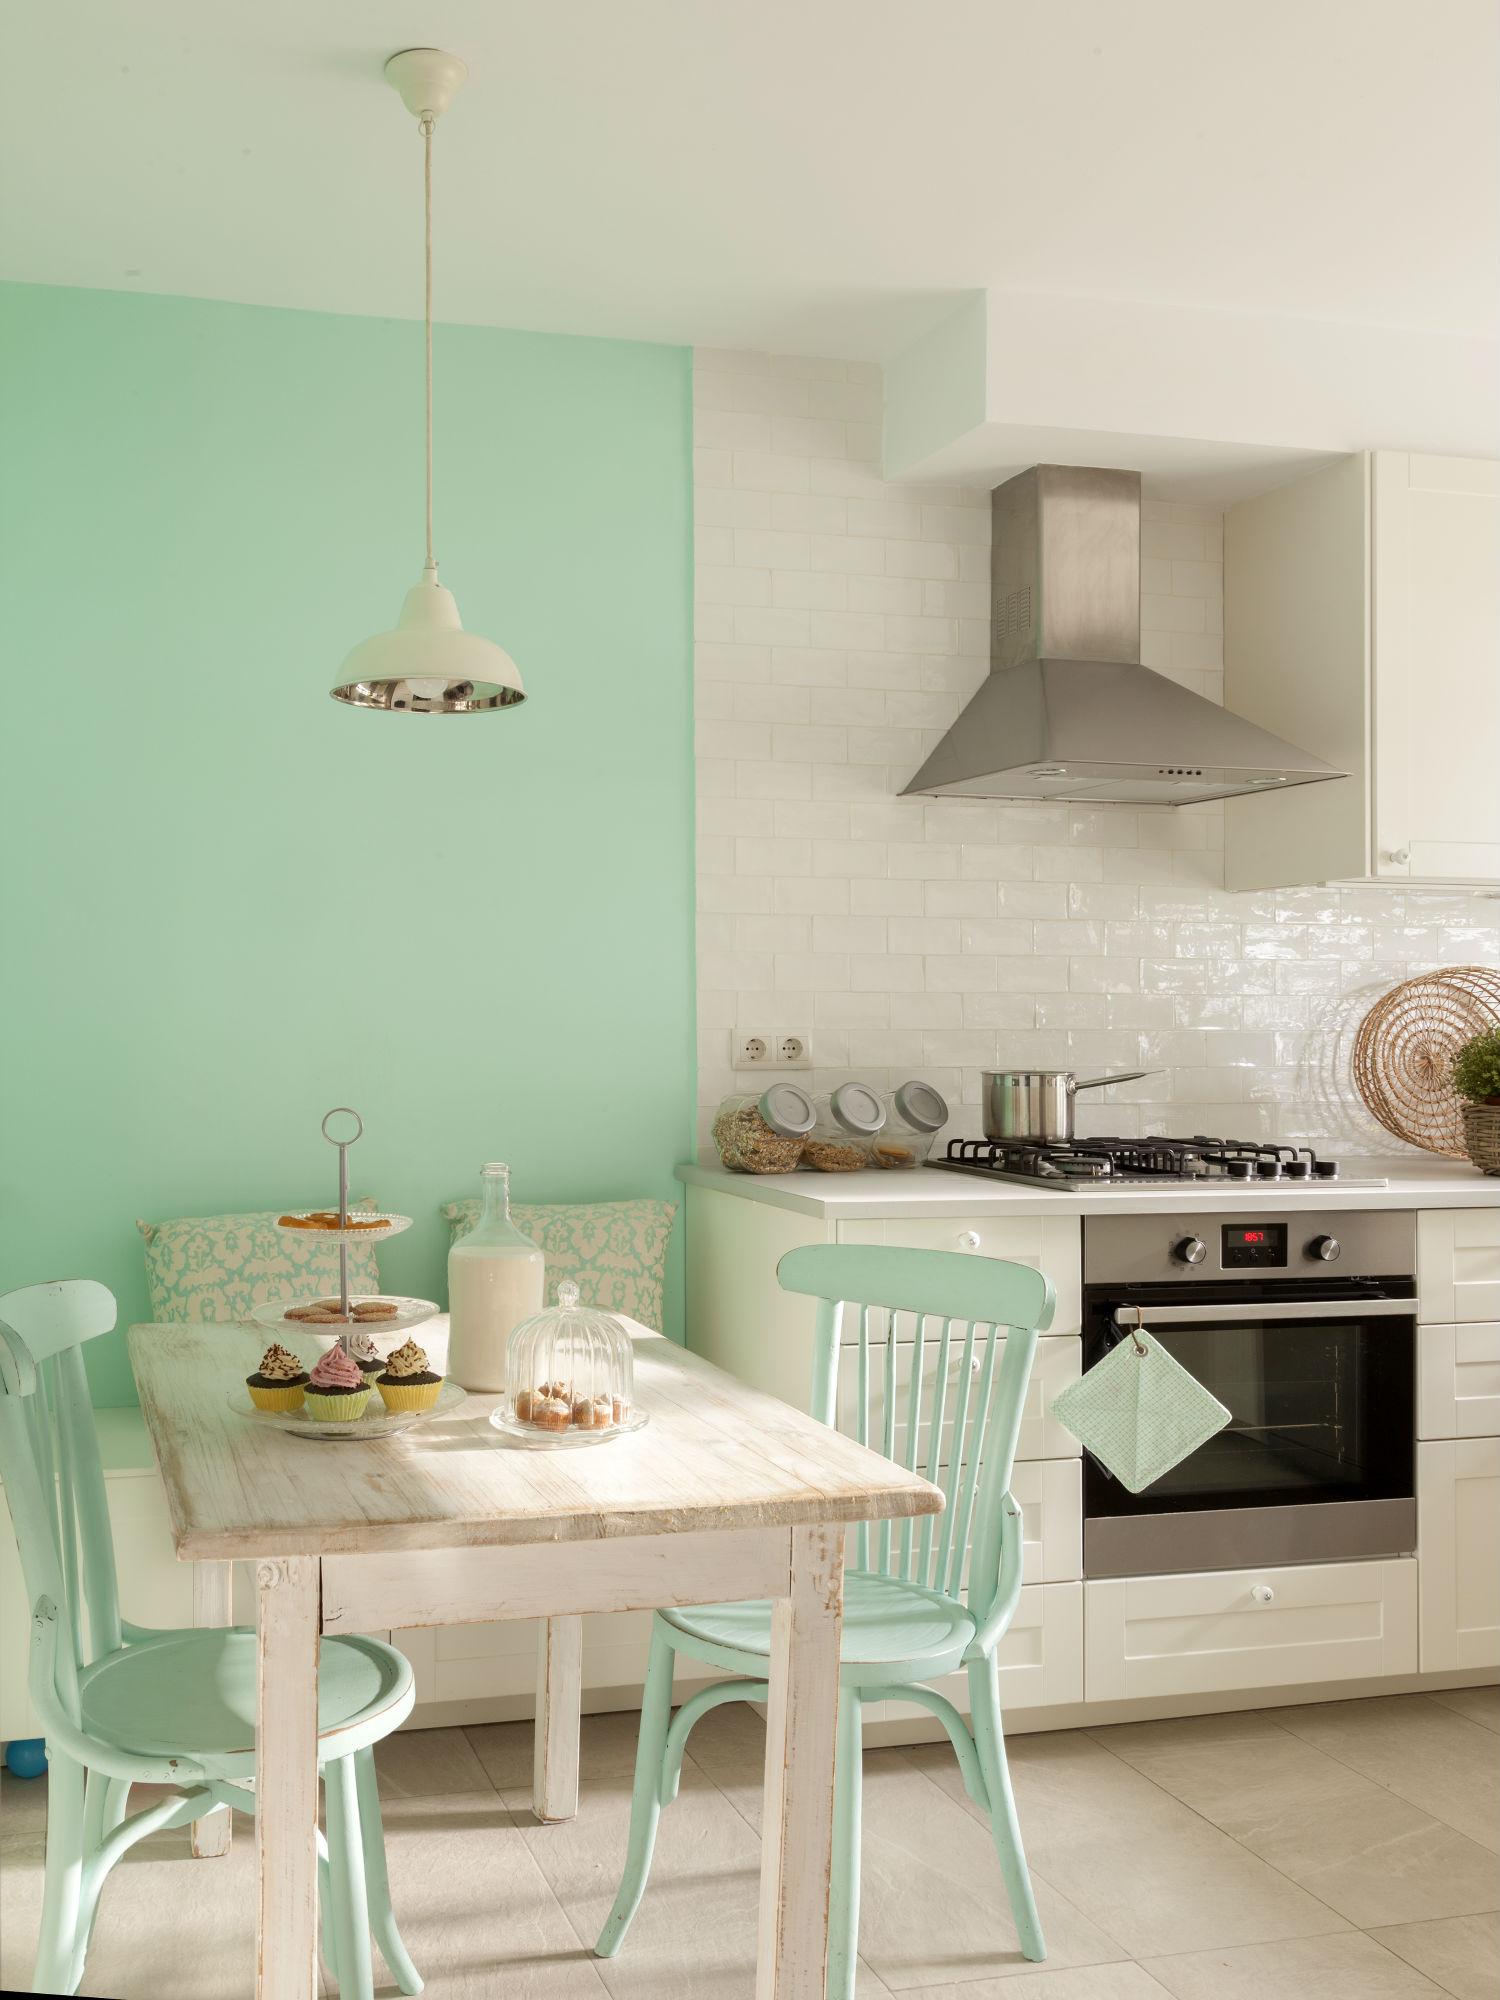 Cocina sin azulejos ahora tambi n mam - Pintar sobre azulejos cocina ...